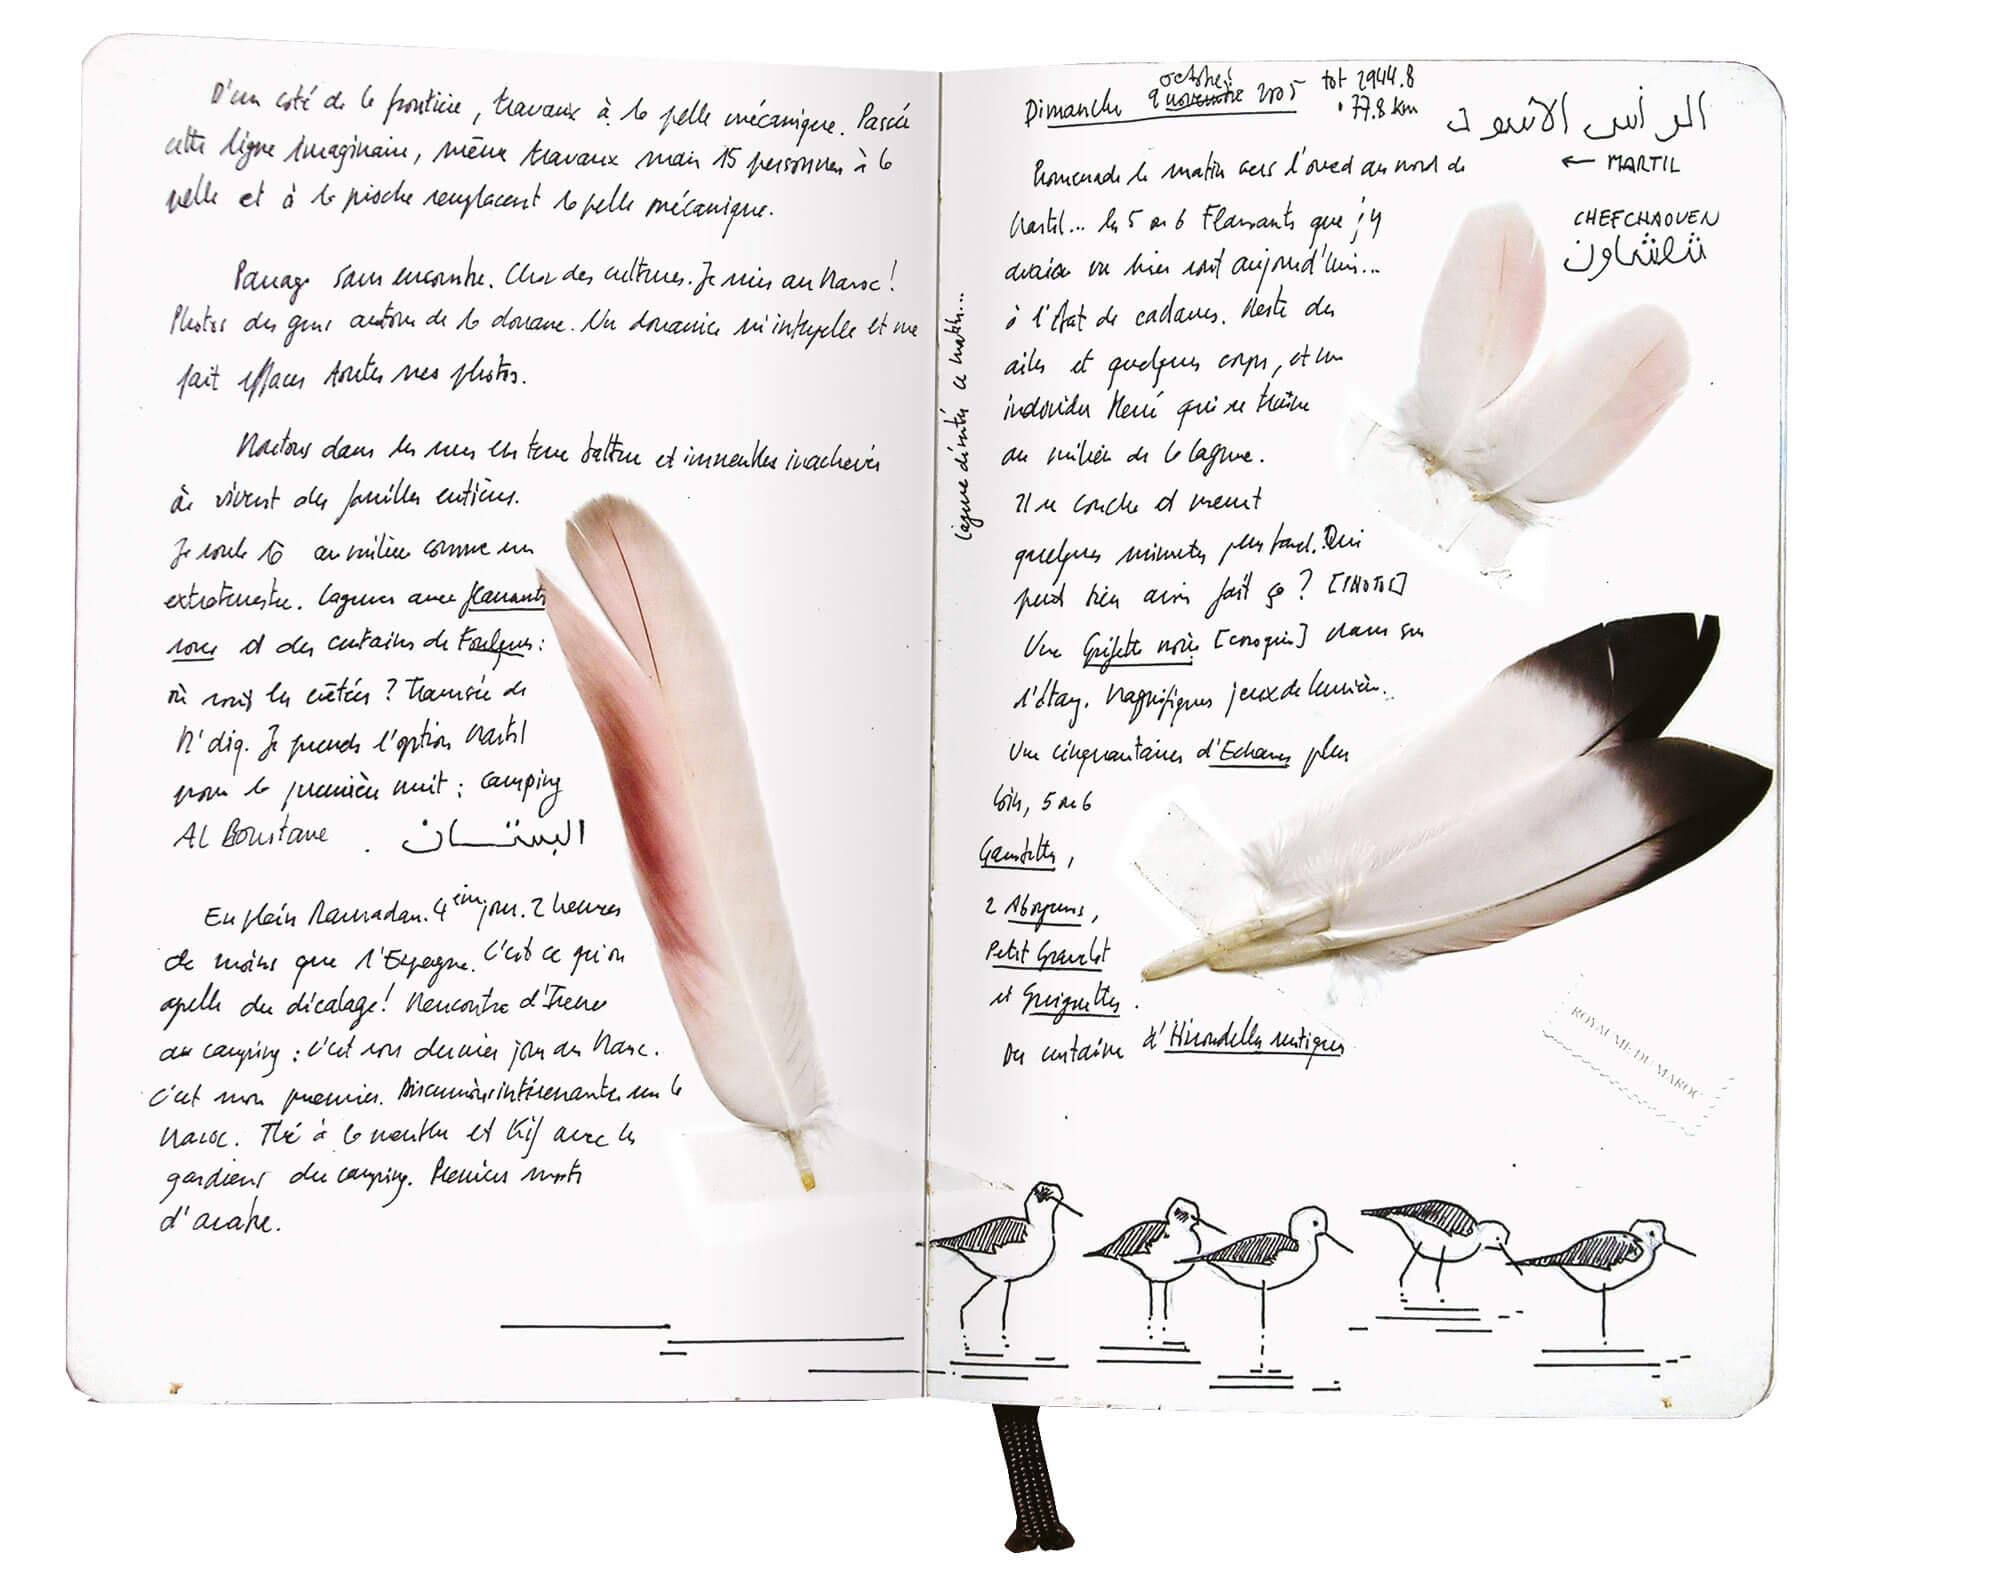 Troisième étape d'un voyage en suivant les oiseaux migrateurs - La Salamandre dessin carnet route plume